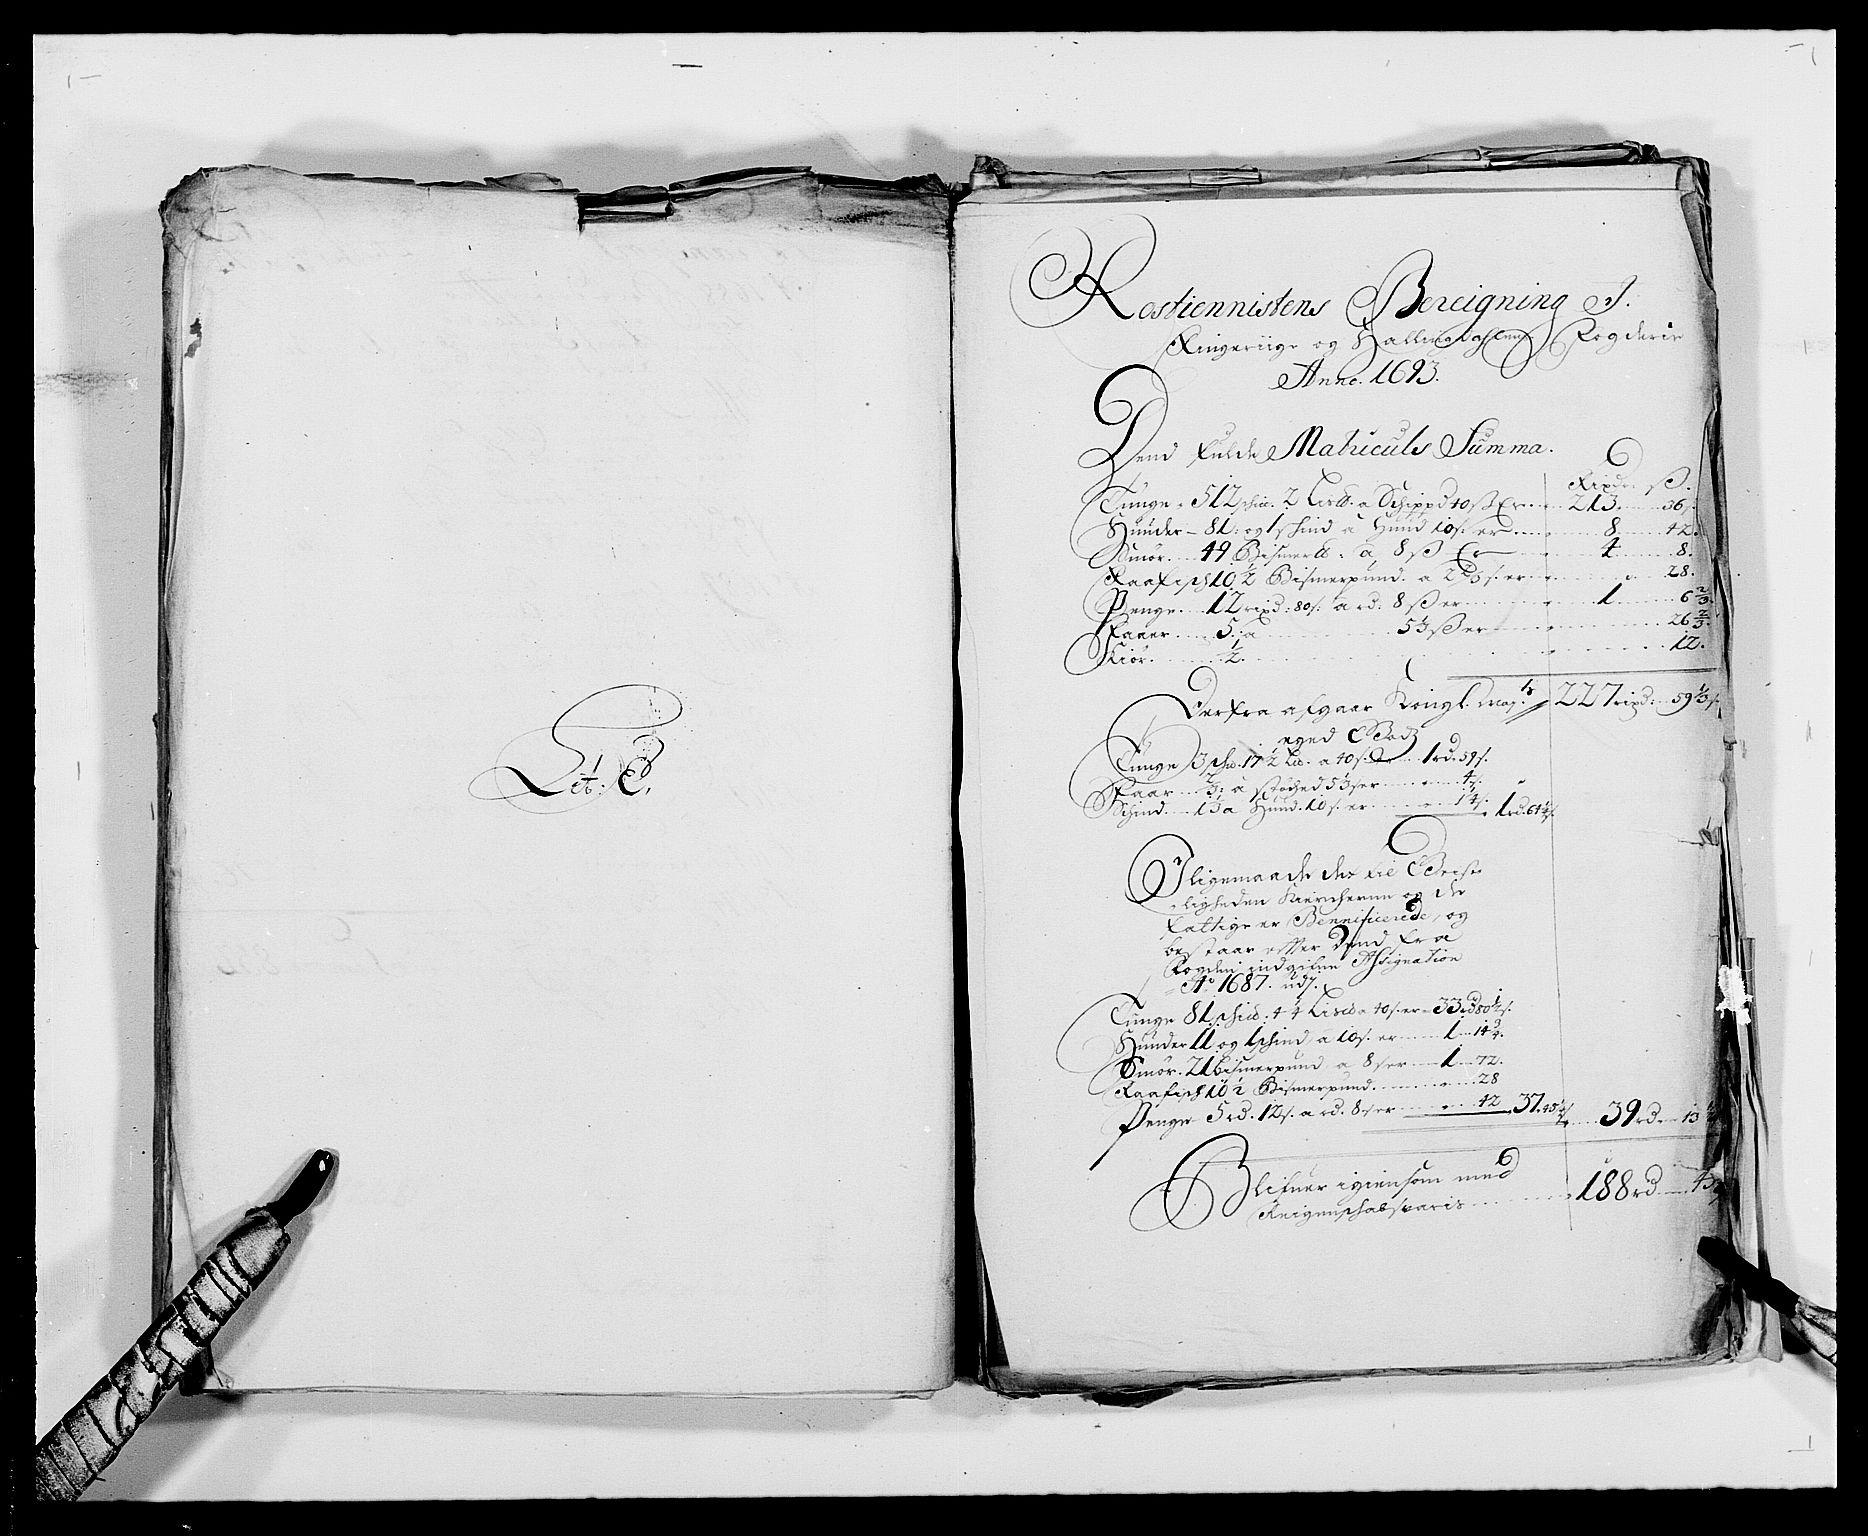 RA, Rentekammeret inntil 1814, Reviderte regnskaper, Fogderegnskap, R21/L1450: Fogderegnskap Ringerike og Hallingdal, 1693, s. 106